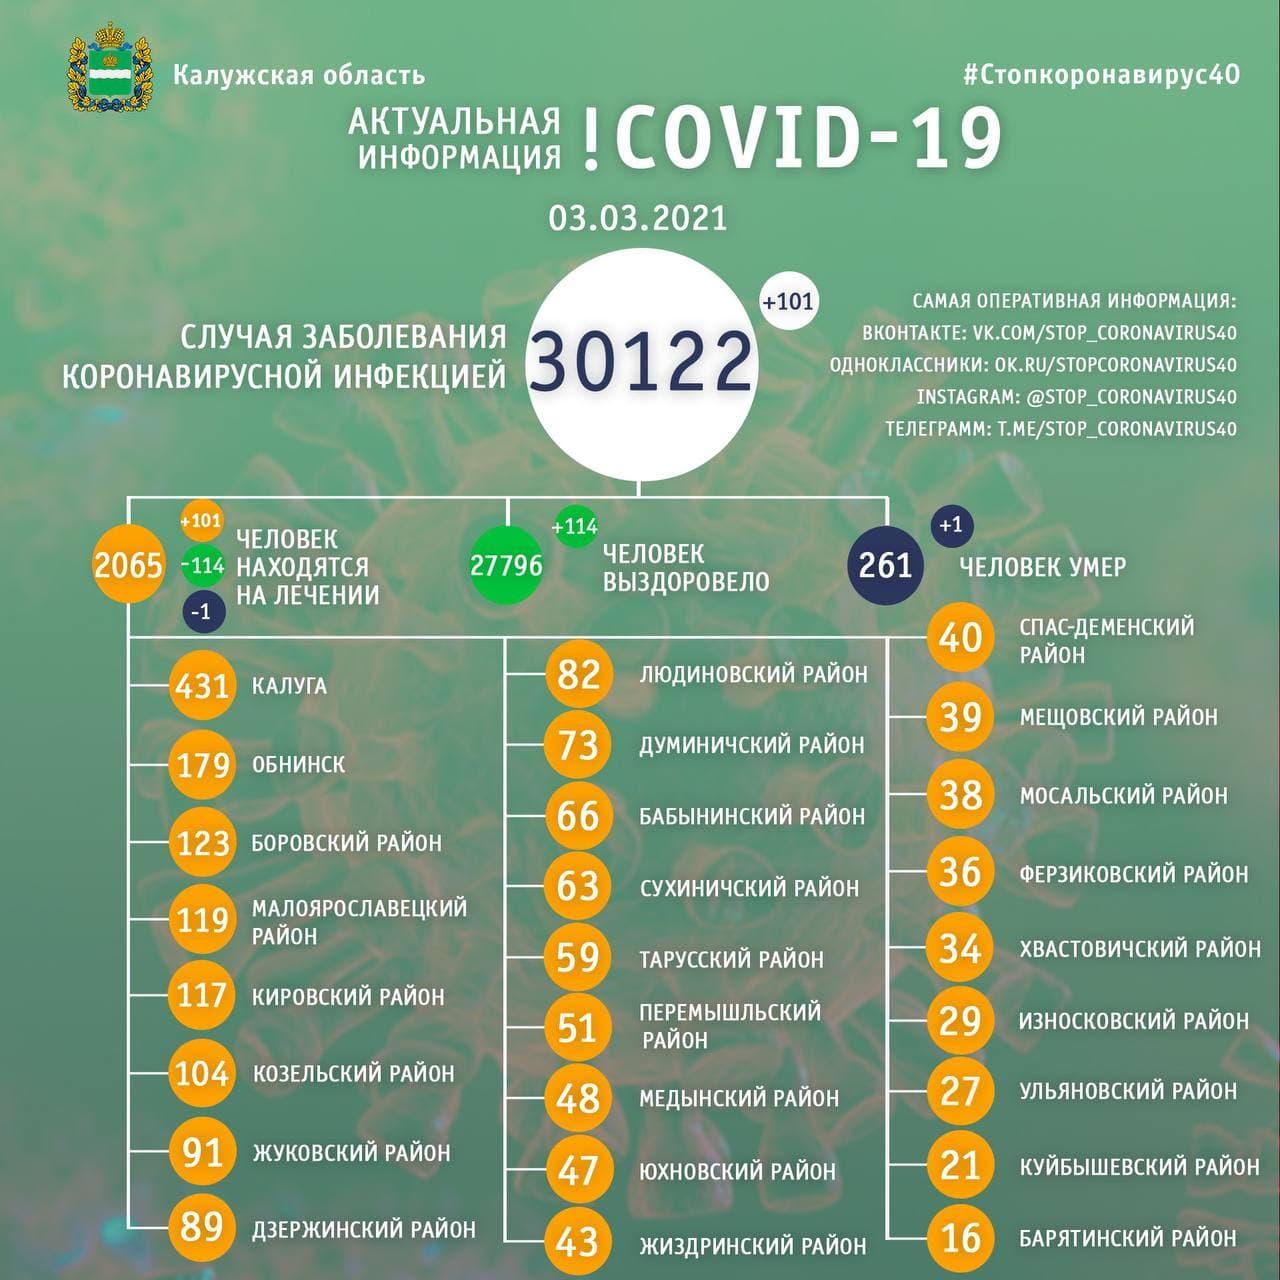 Официальная статистика по коронавирусу в Калужской области 3 марта 2021 года.